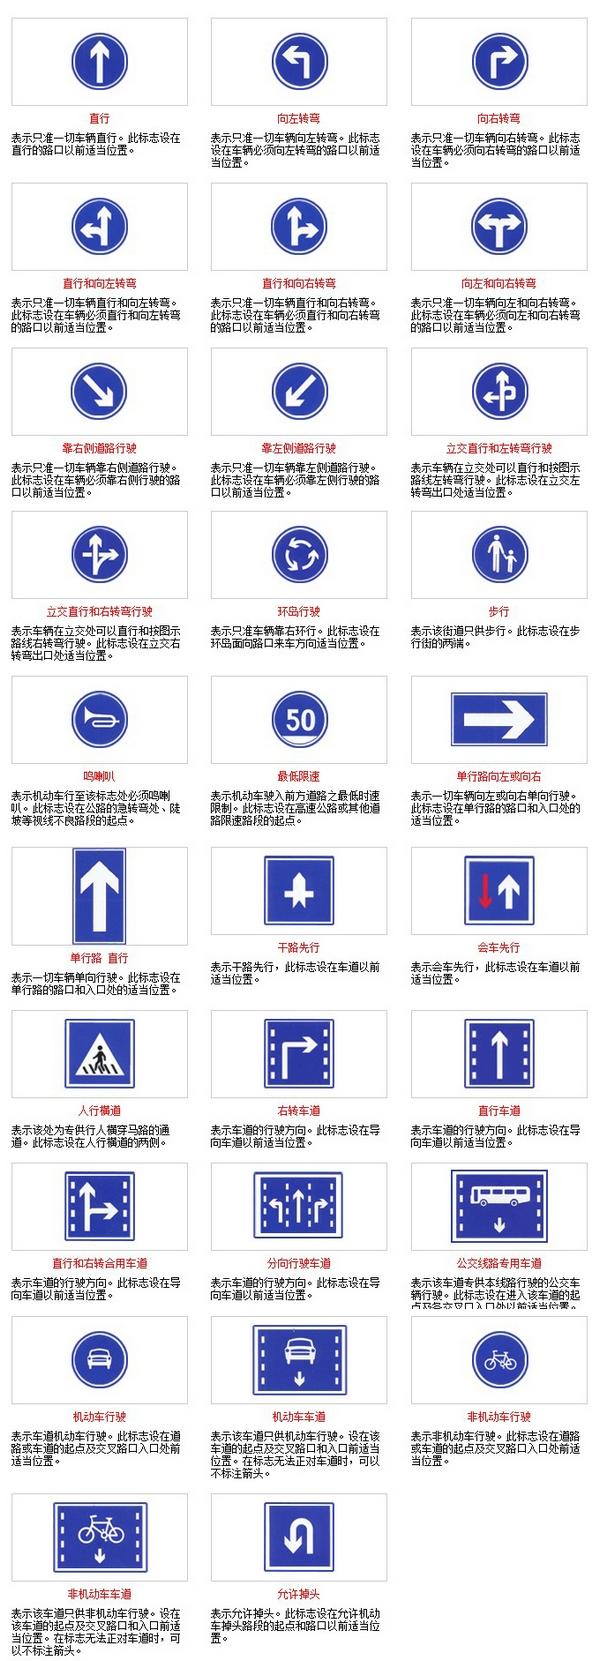 道路指示标志大全 - 道路标识